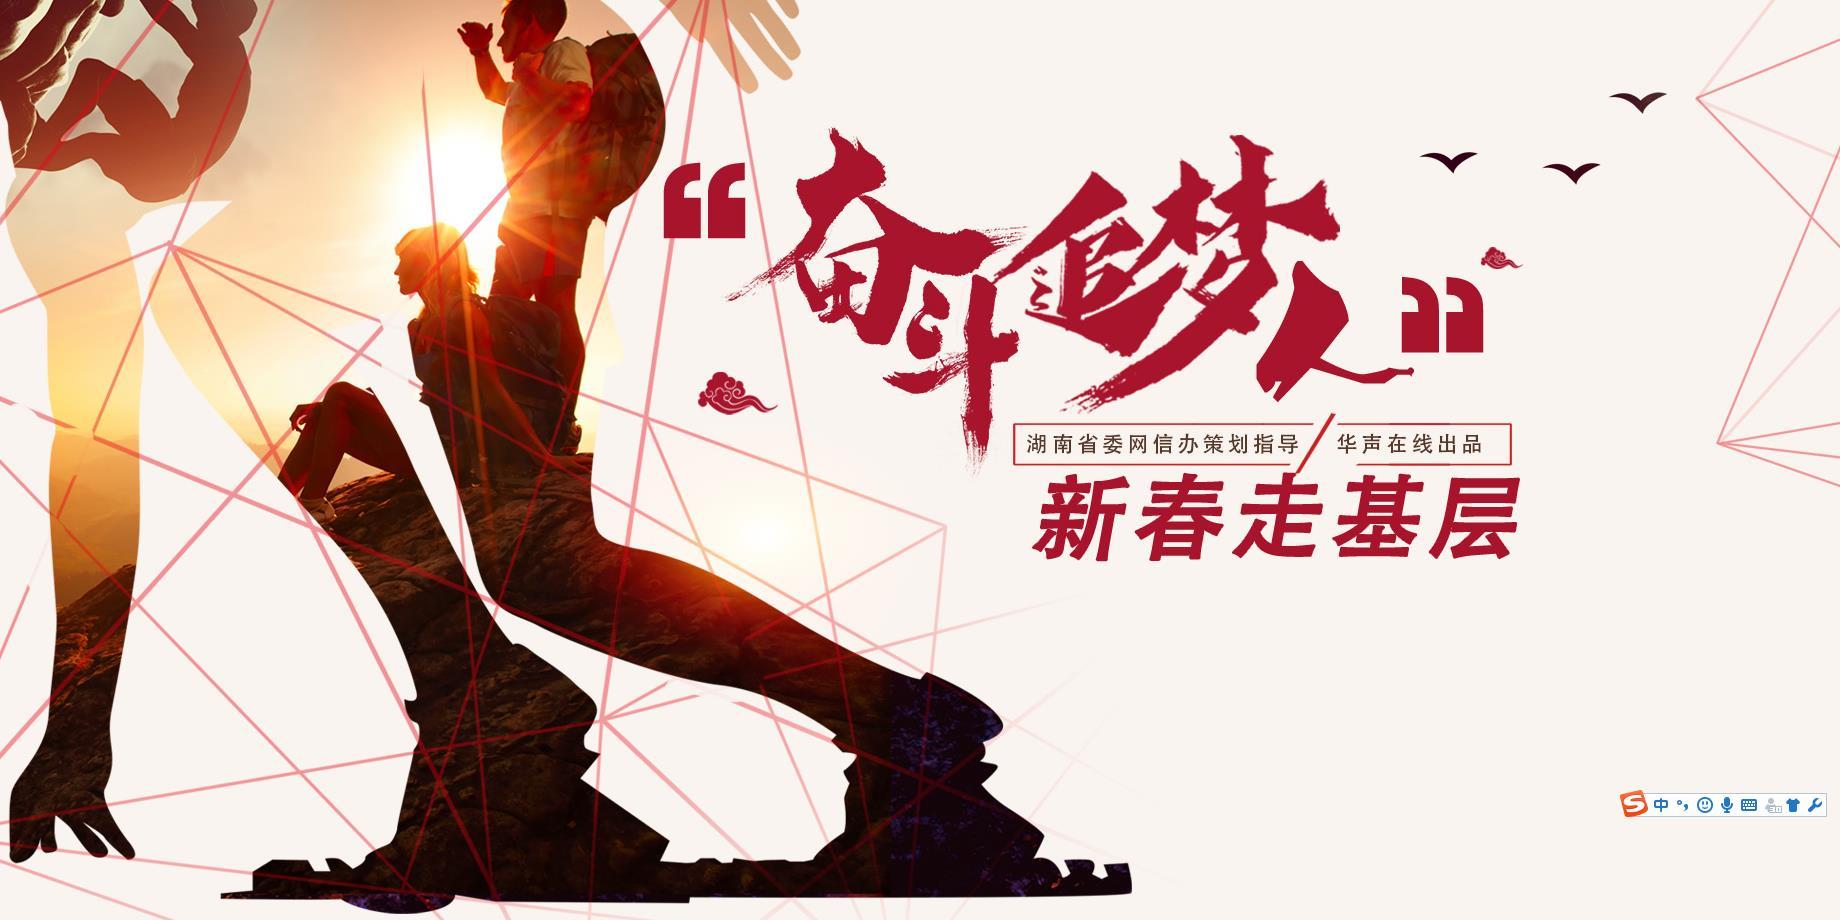 【专题】奋斗追梦人——新春走基层